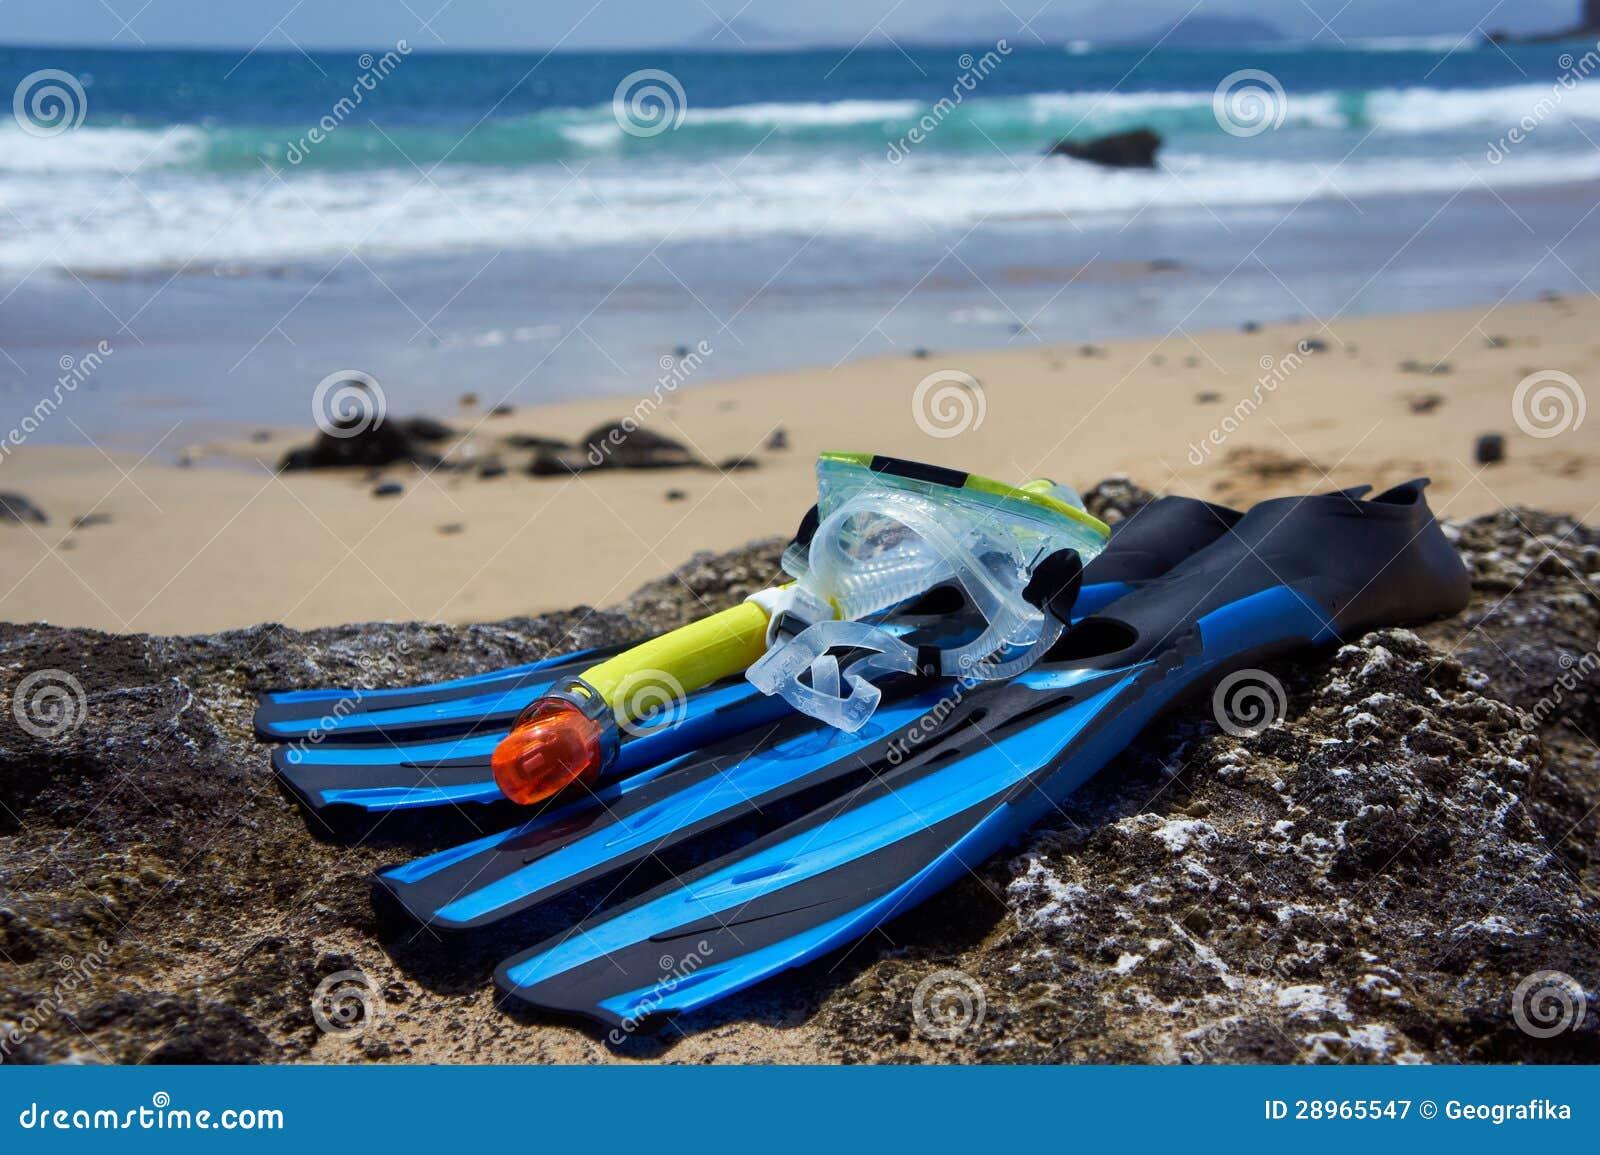 Snorkeling, Pływający, Nurkowy wyposażenie na rockowej plaży.